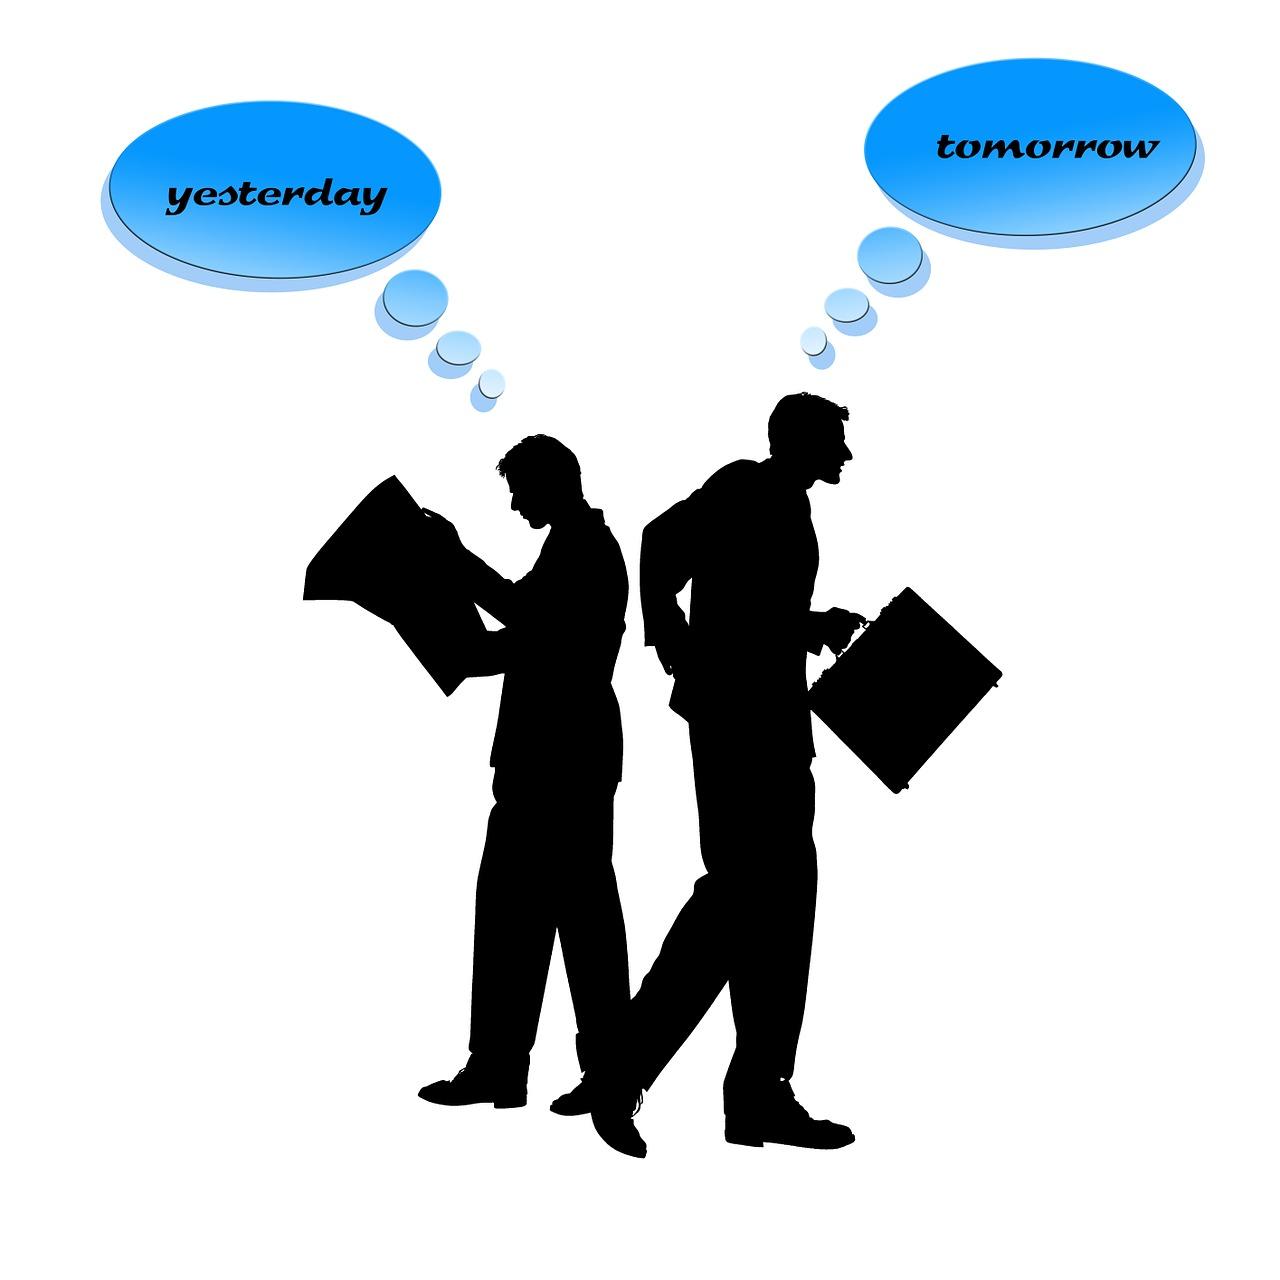 新人営業マン必見!営業同行で押さえておくべき5つのポイント